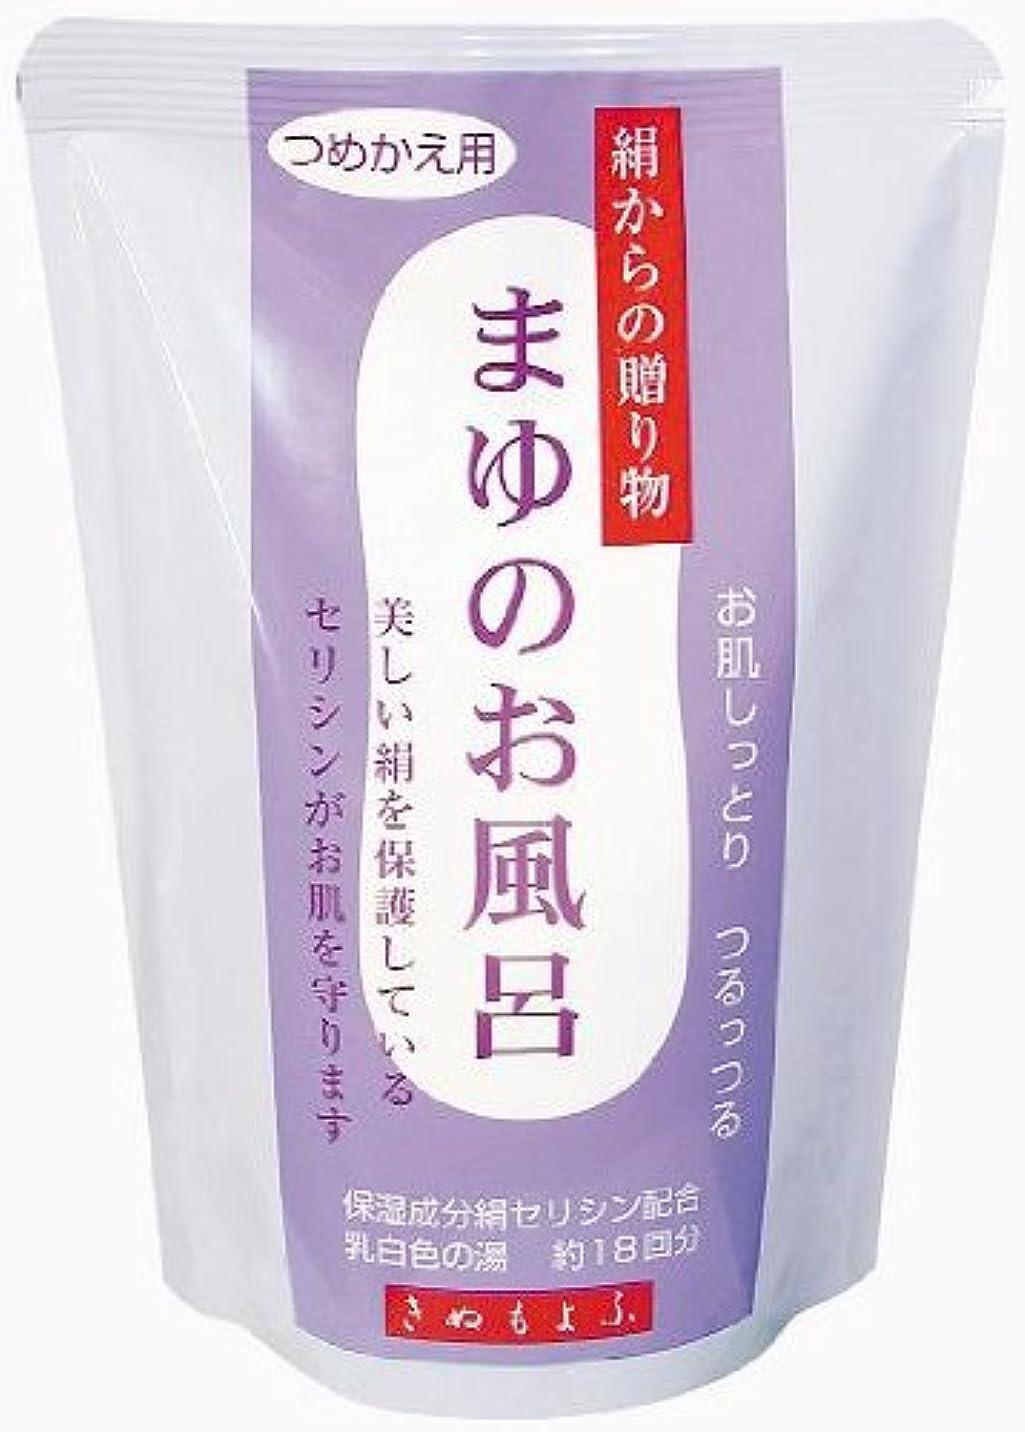 永遠のいちゃつく倫理的まゆシリーズ きぬもよふ まゆのお風呂詰替 浴用化粧料 450ml(約18回分)